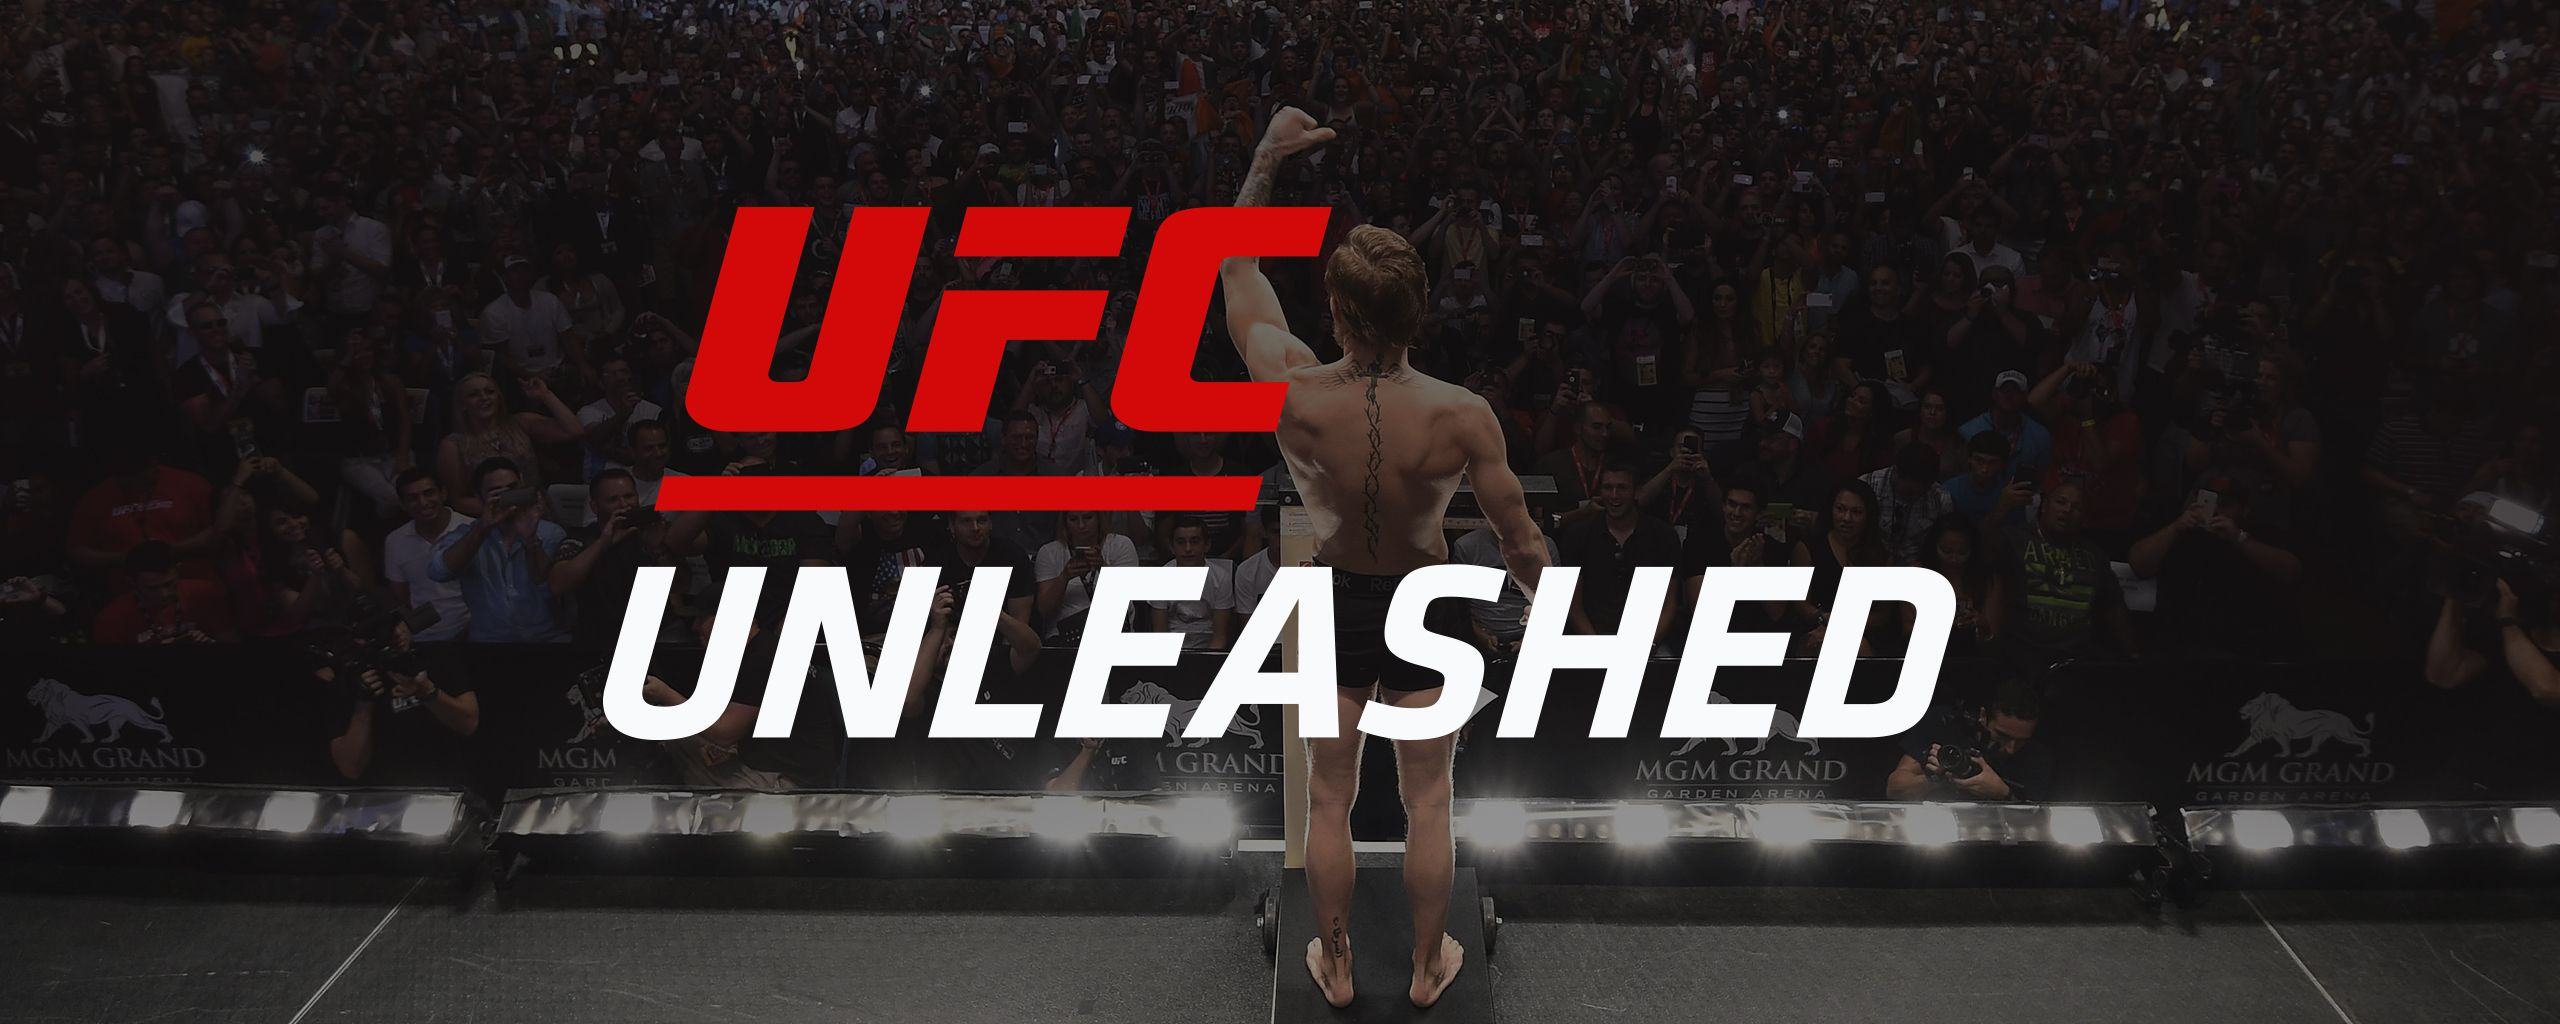 UFC Unleashed